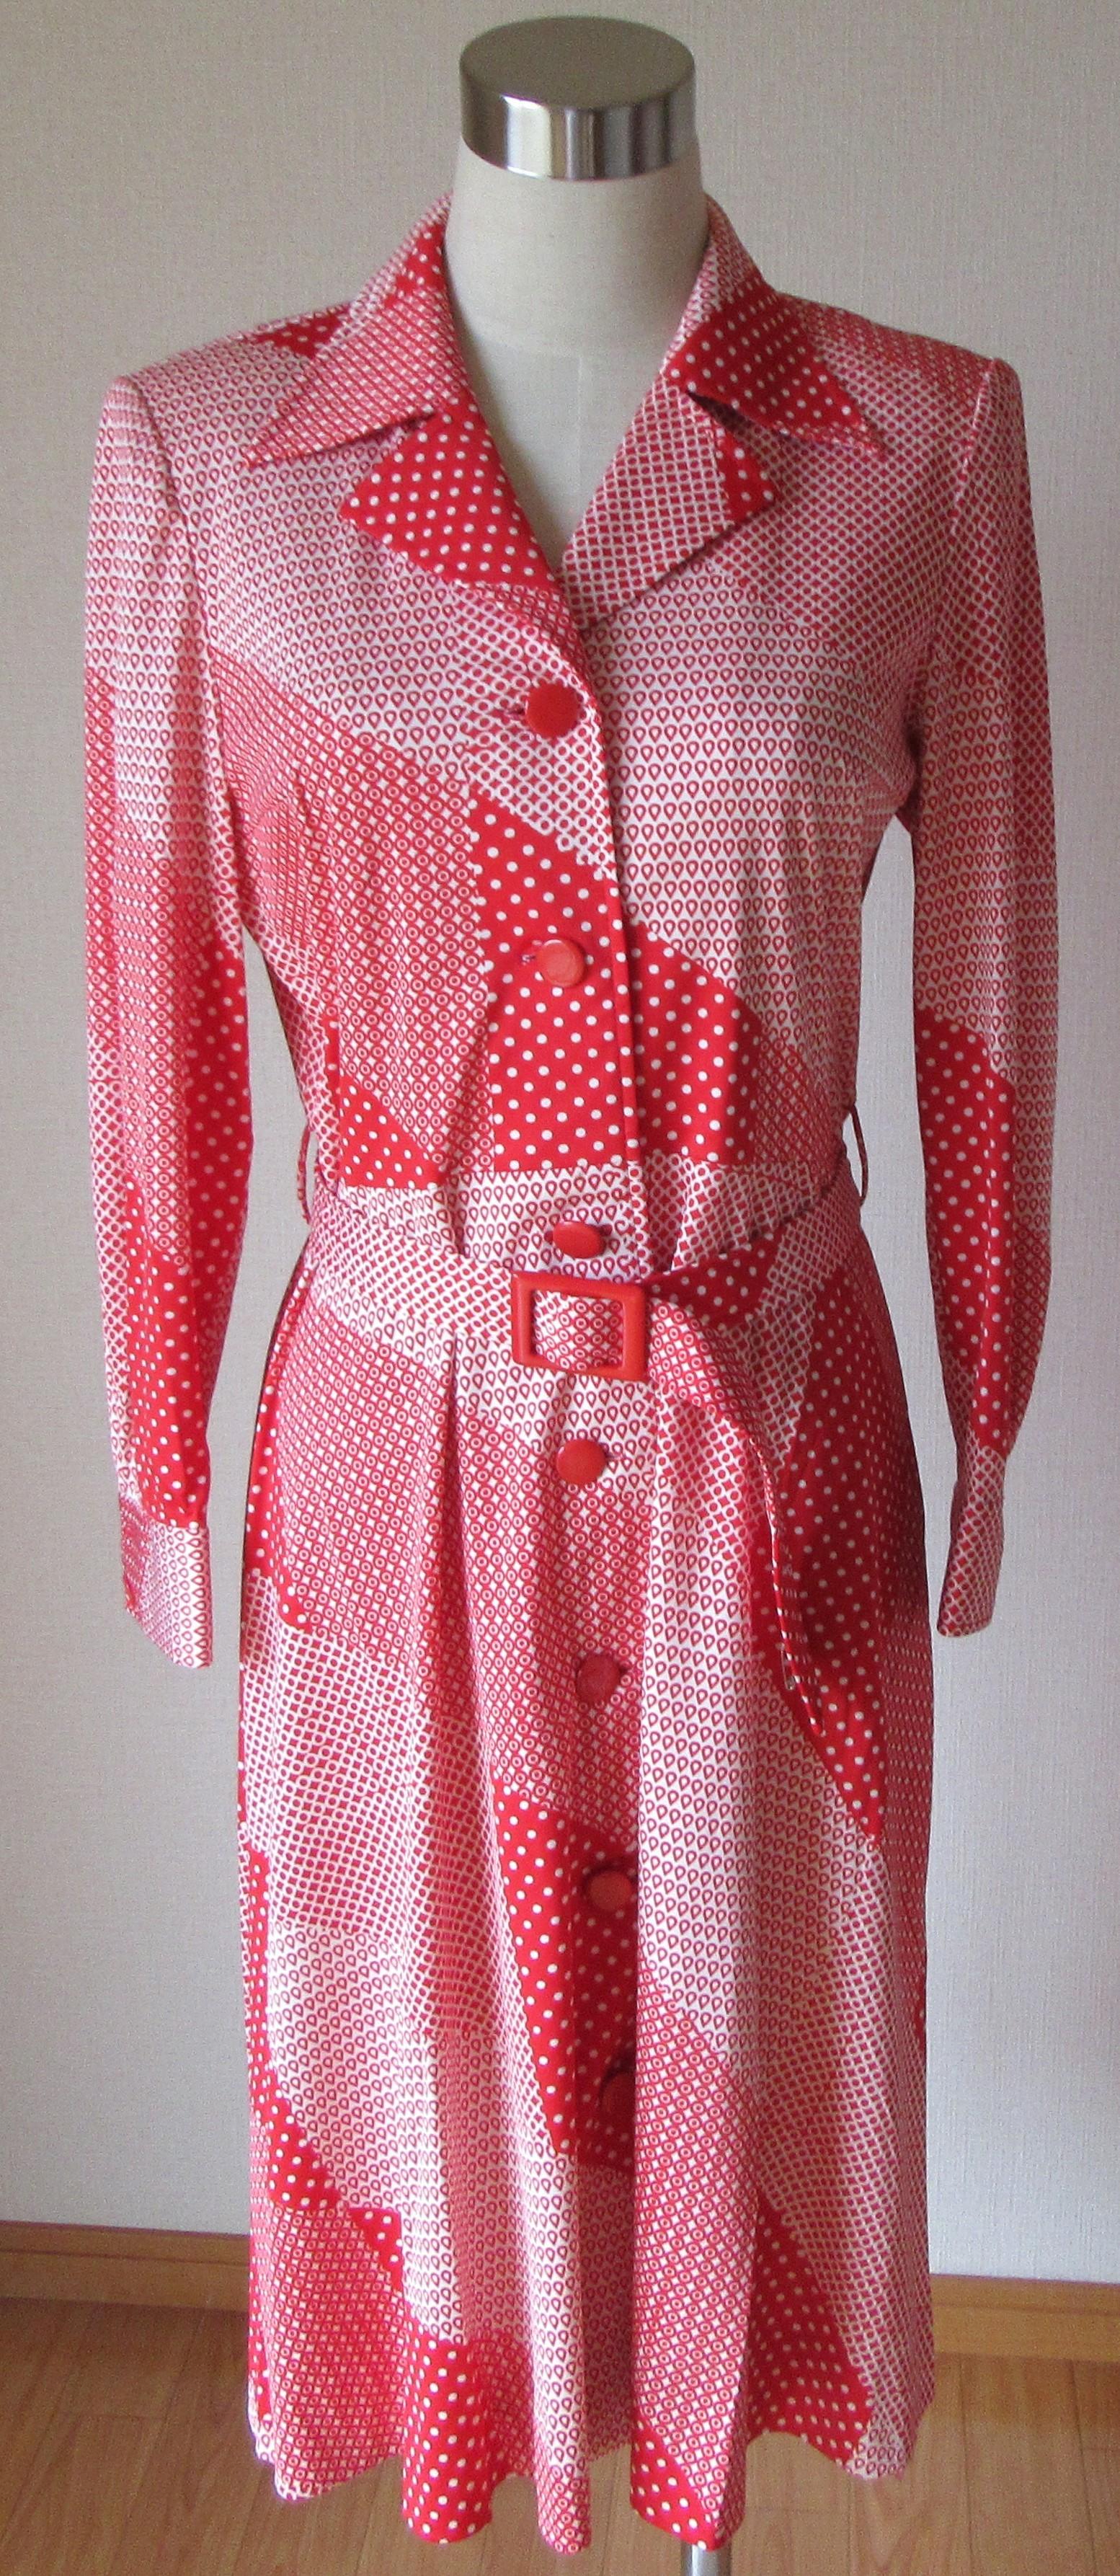 昭和レトロファッション ワンピース 中古 長袖 ベルト付き 赤